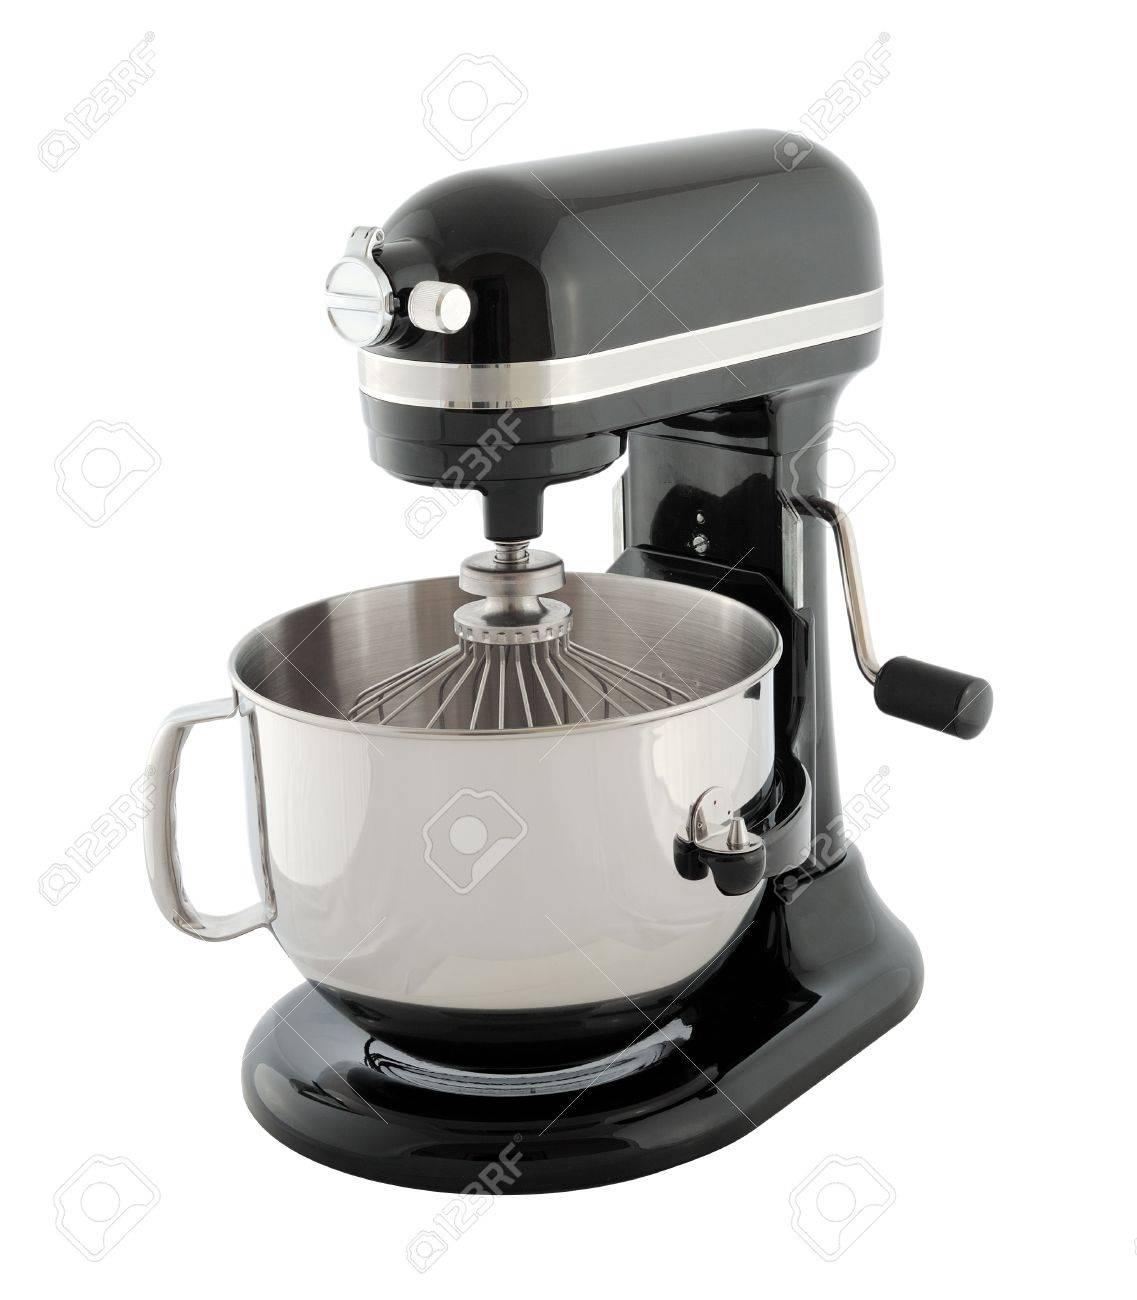 Kitchen Appliances - Black Planetary Mixer, Isolated On A White ...